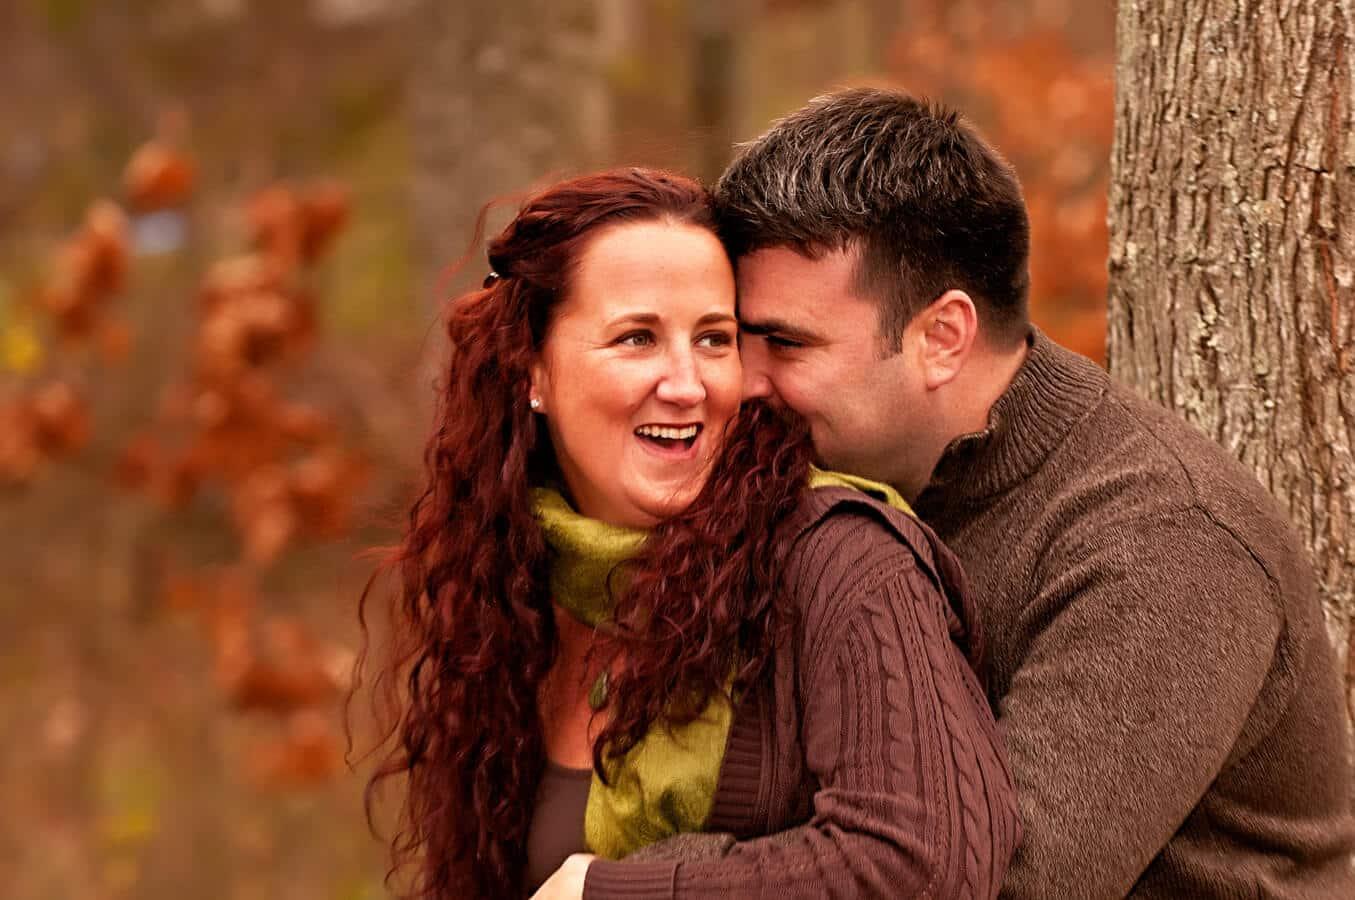 portrait, autumn, outdoor, natural light, Northern VA